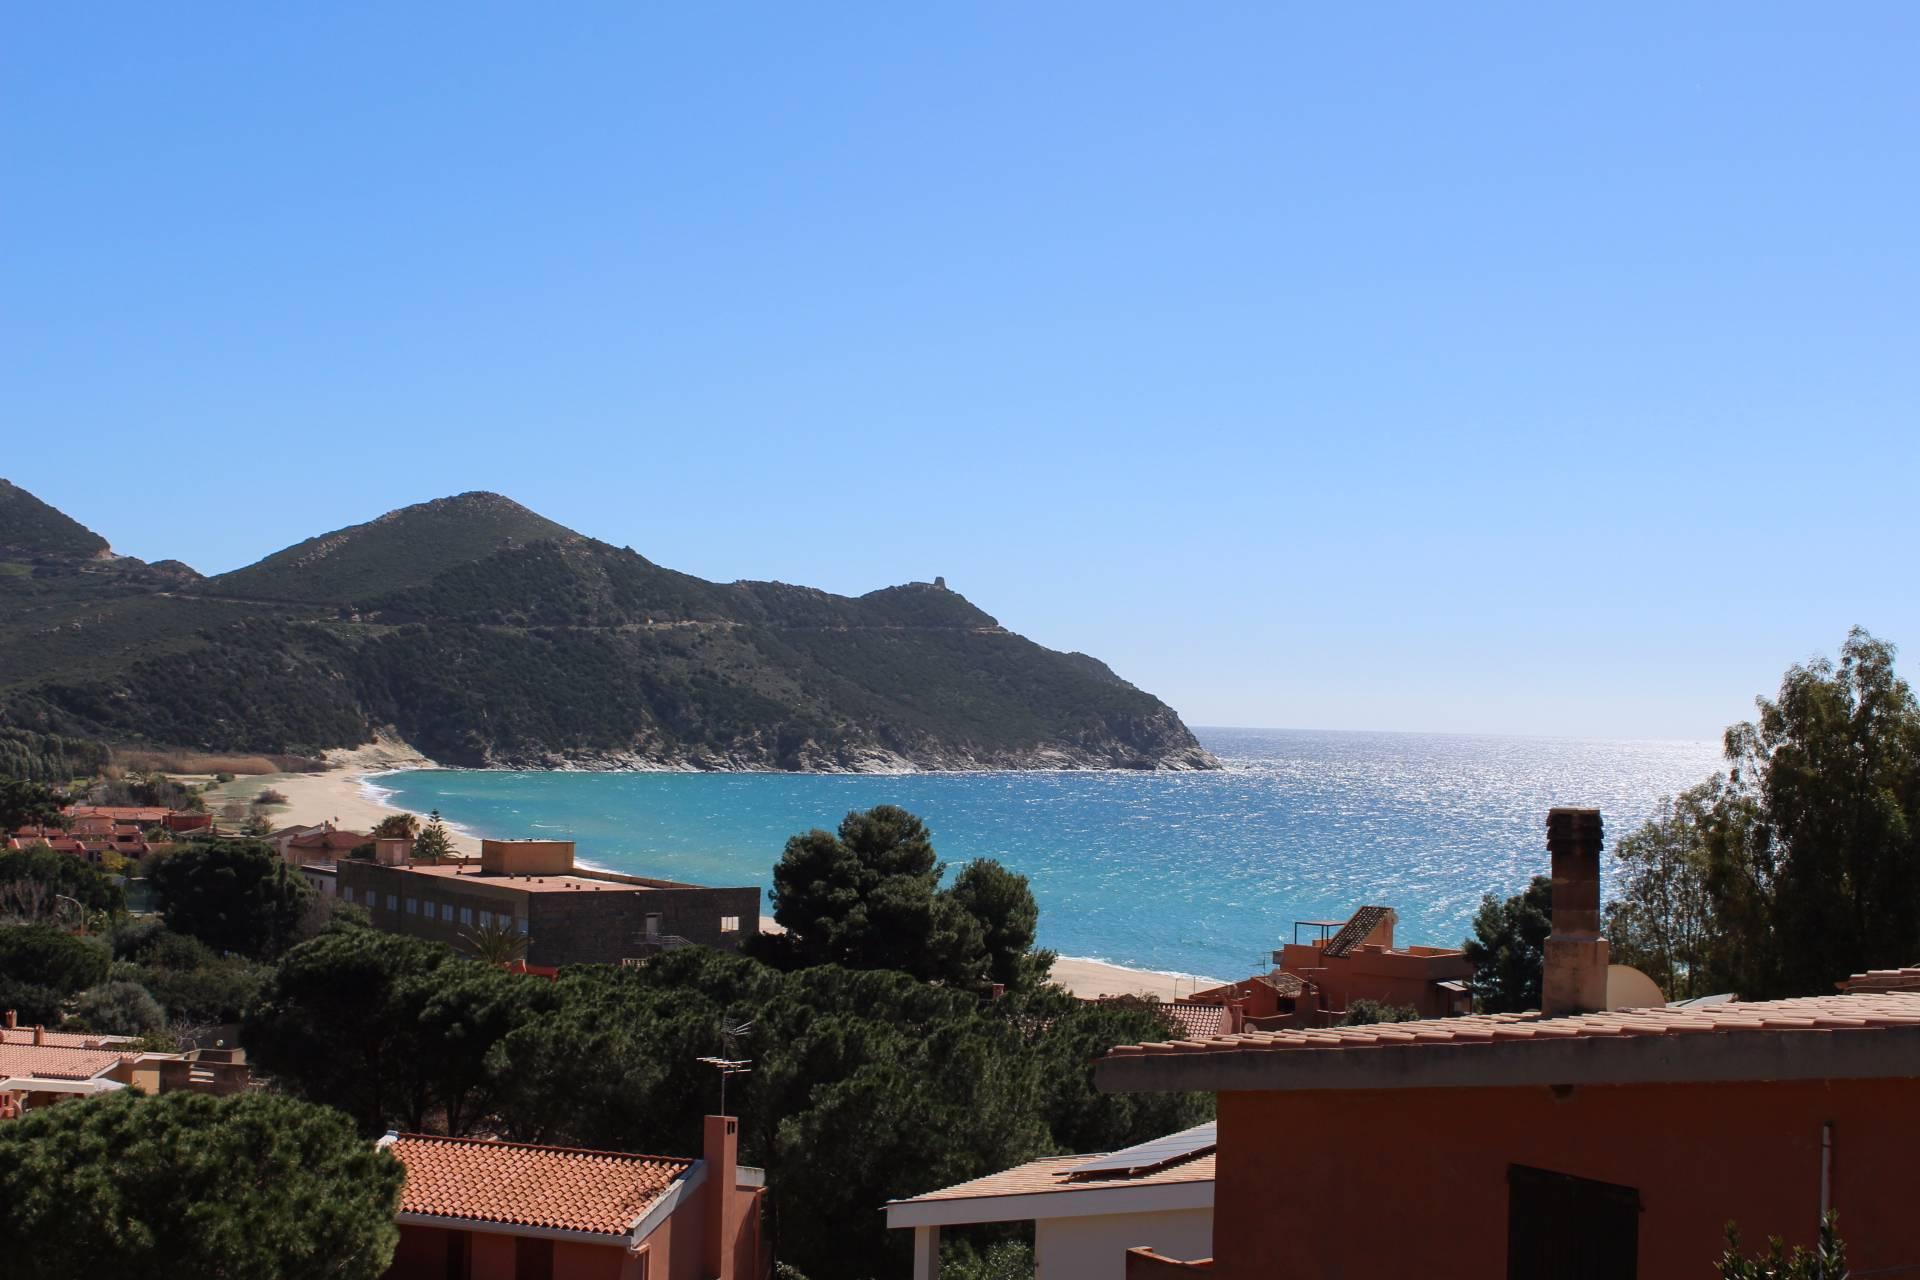 Appartamento in vendita a Sinnai, 4 locali, zona Zona: Solanas, prezzo € 169.000 | CambioCasa.it